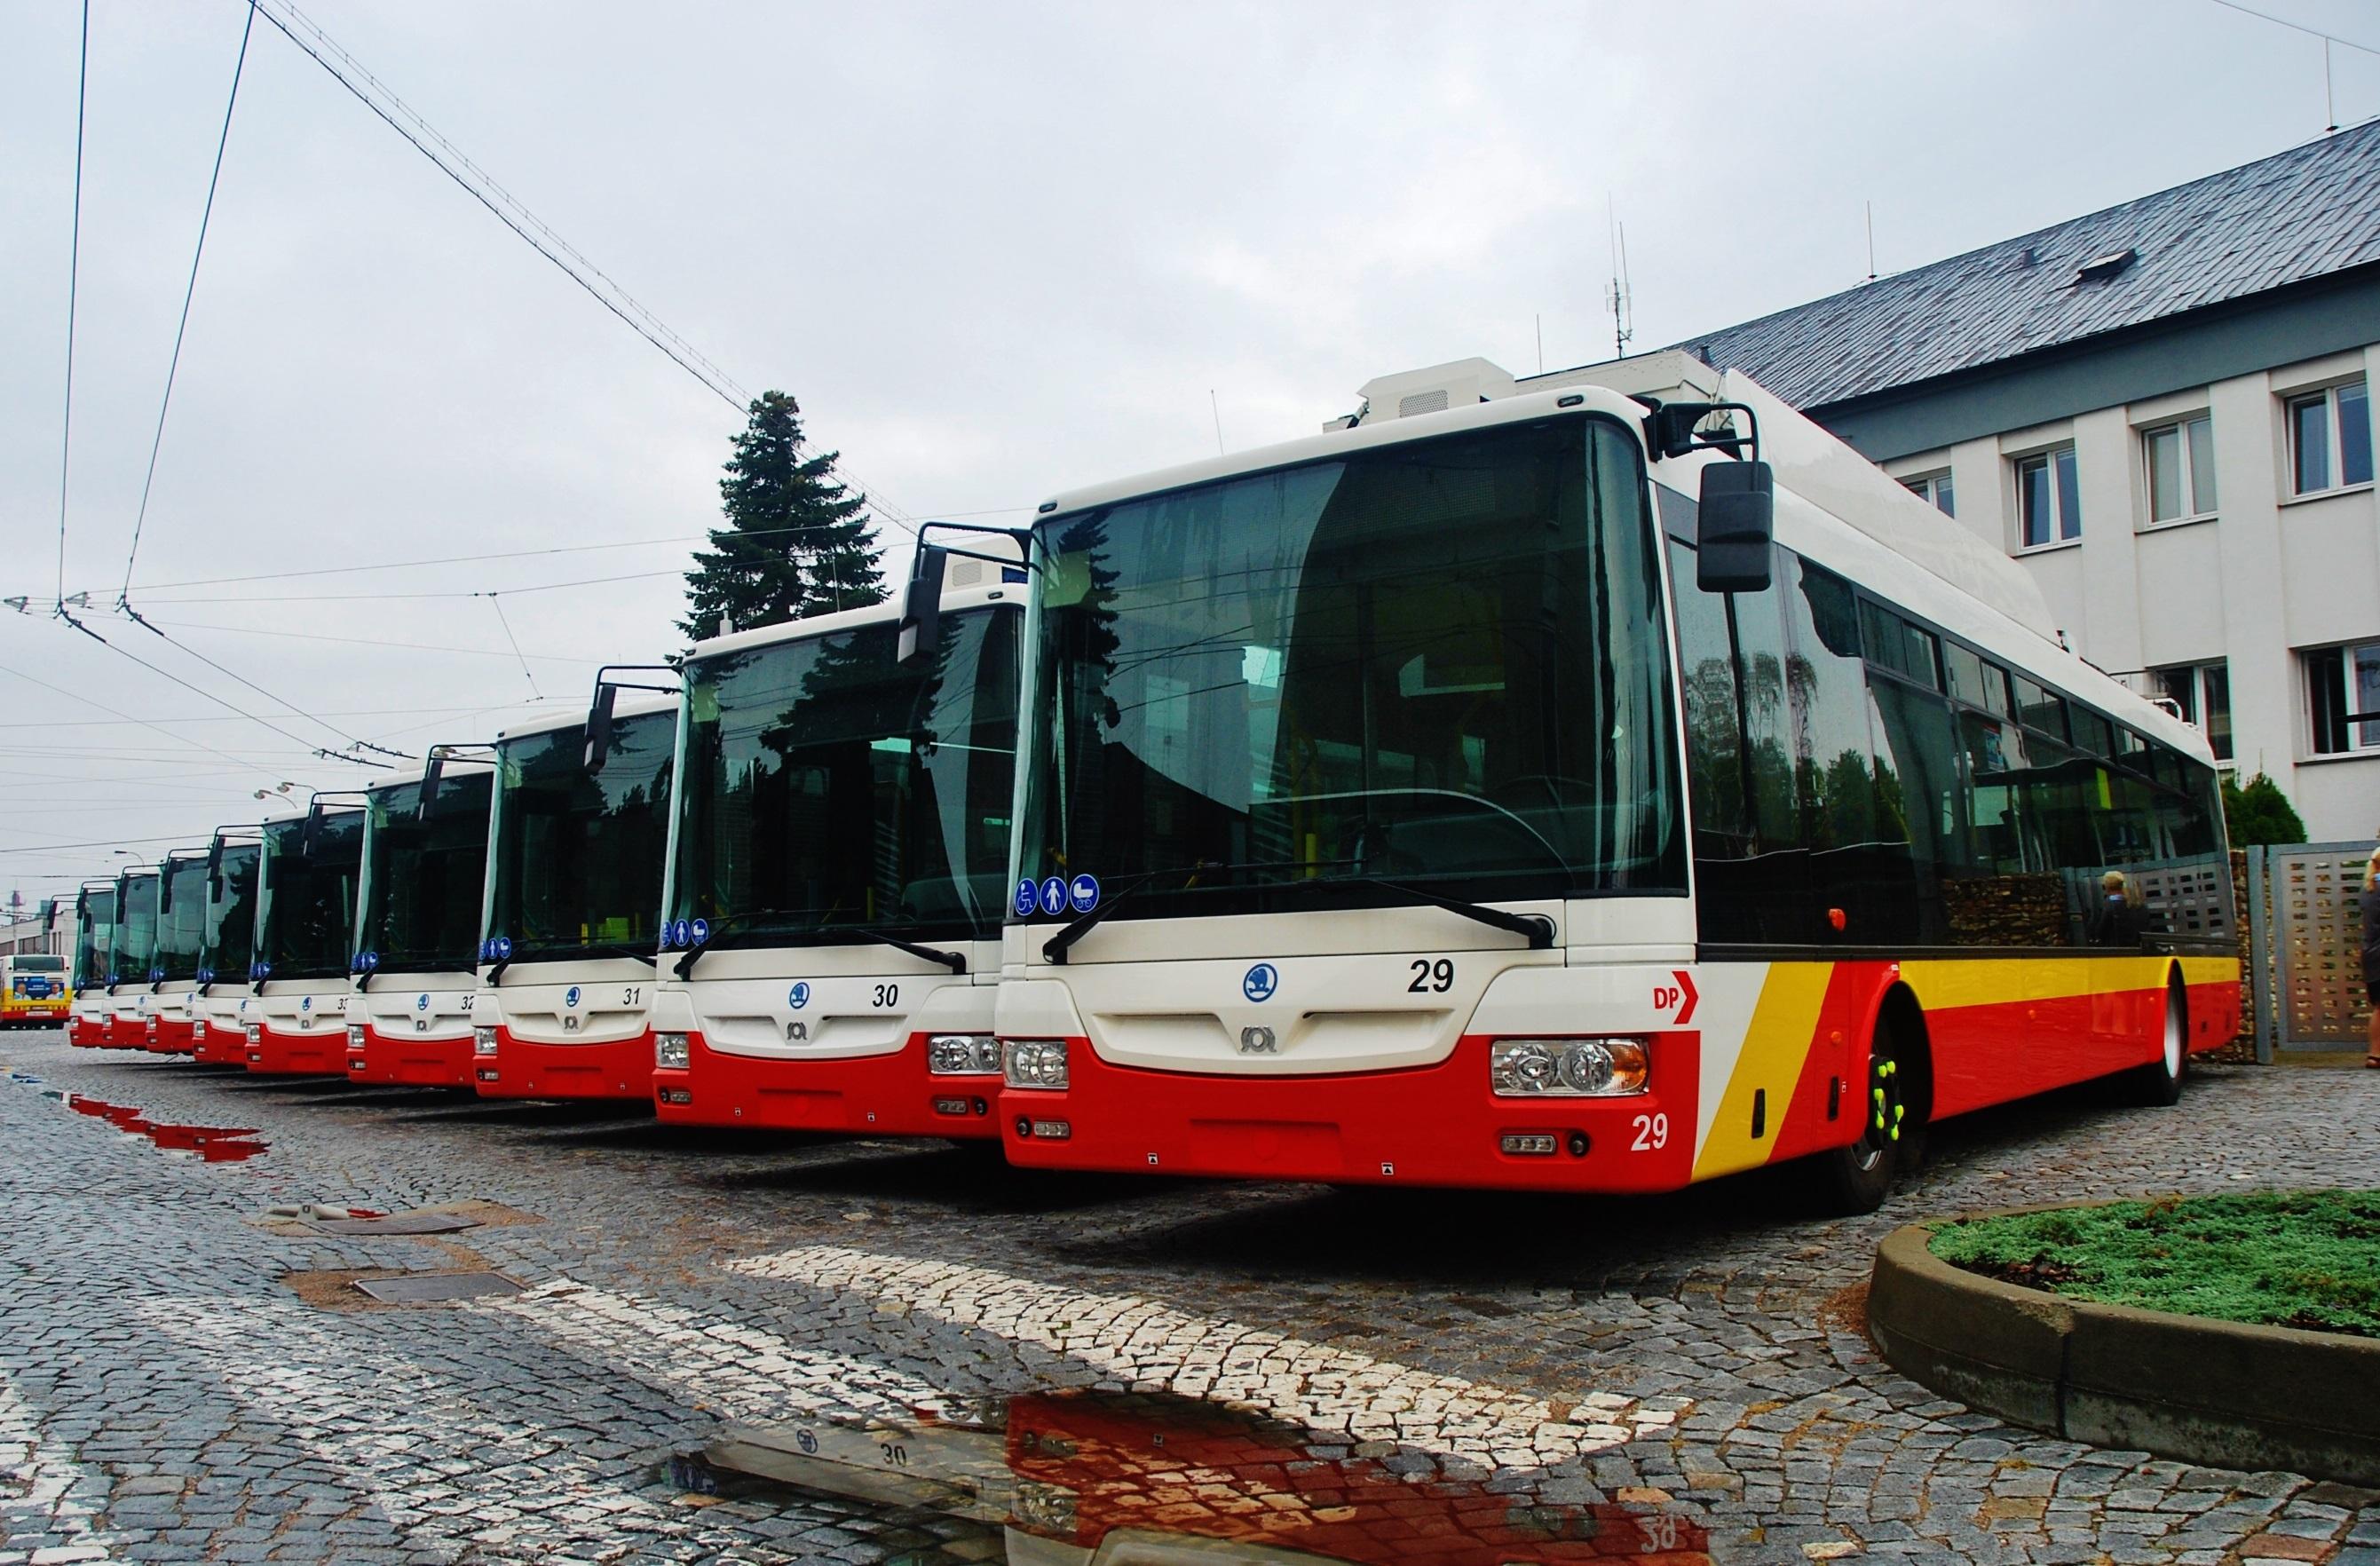 Nová flotila parciálnych trolejbusov Škoda v Dopravným mesta Hradca Králové (foto: Zdeněk Nesveda BusPress)